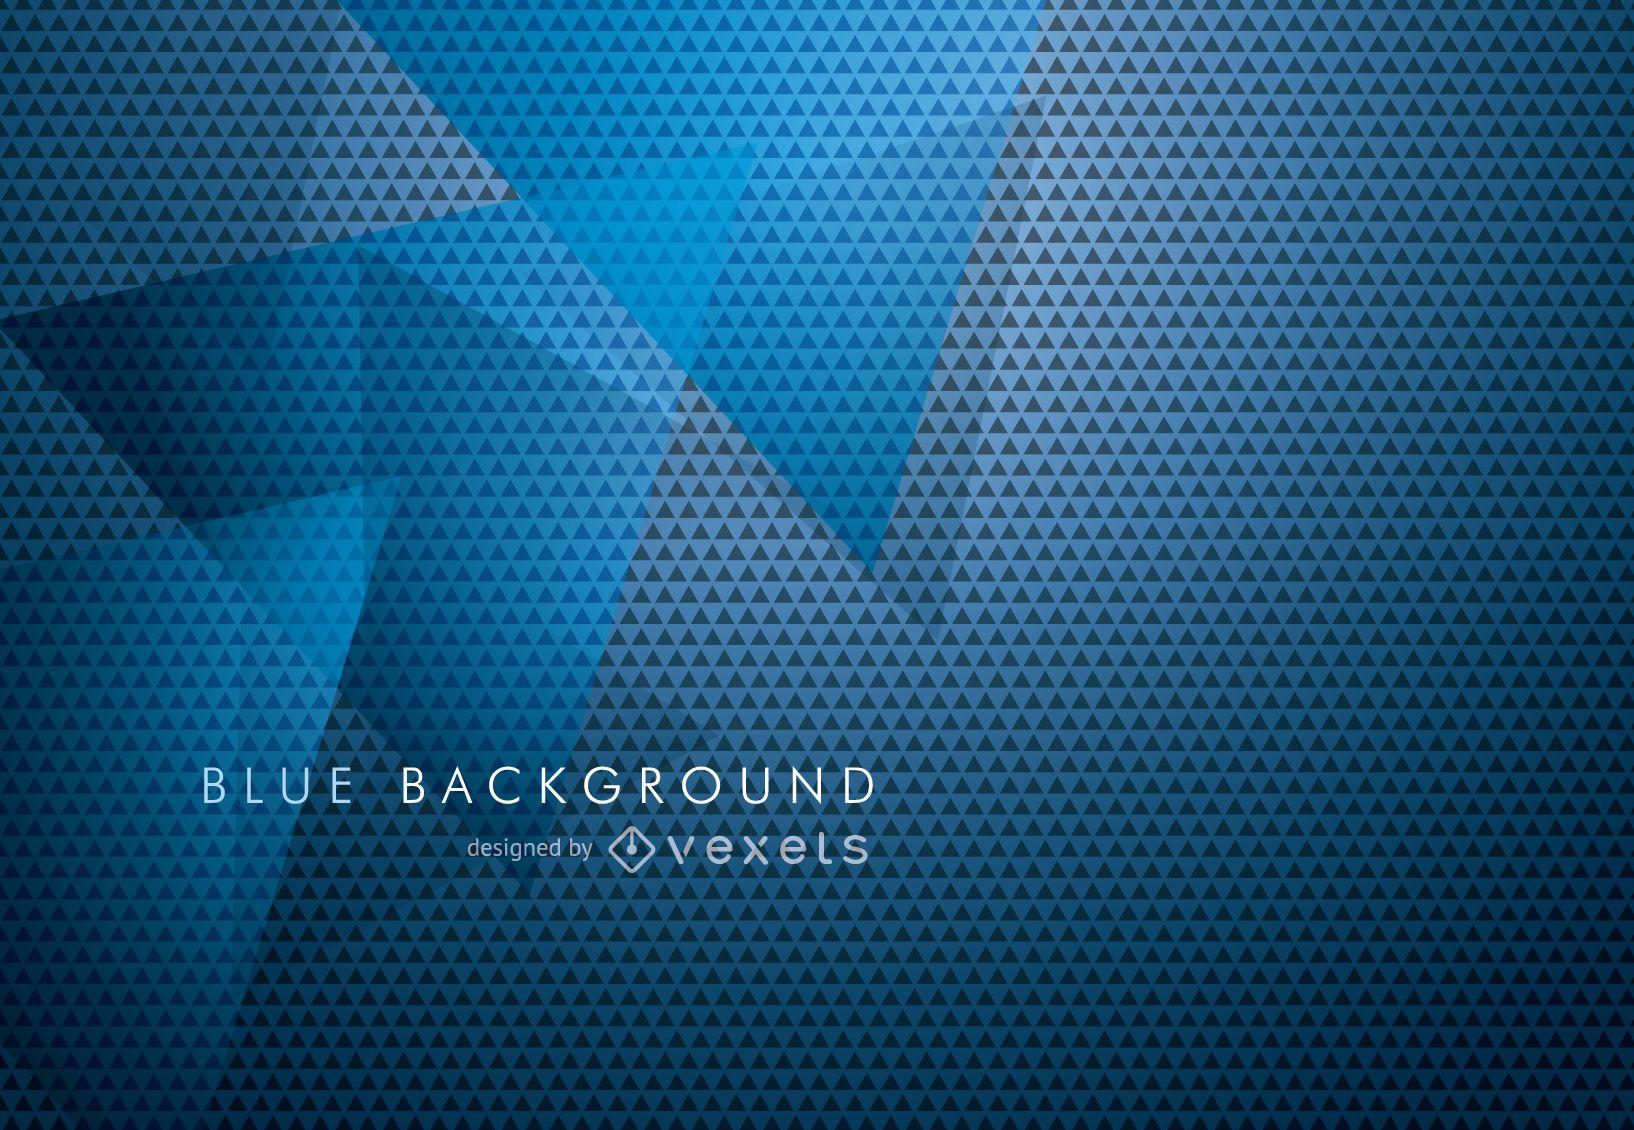 Fondo abstracto en azul con triángulos